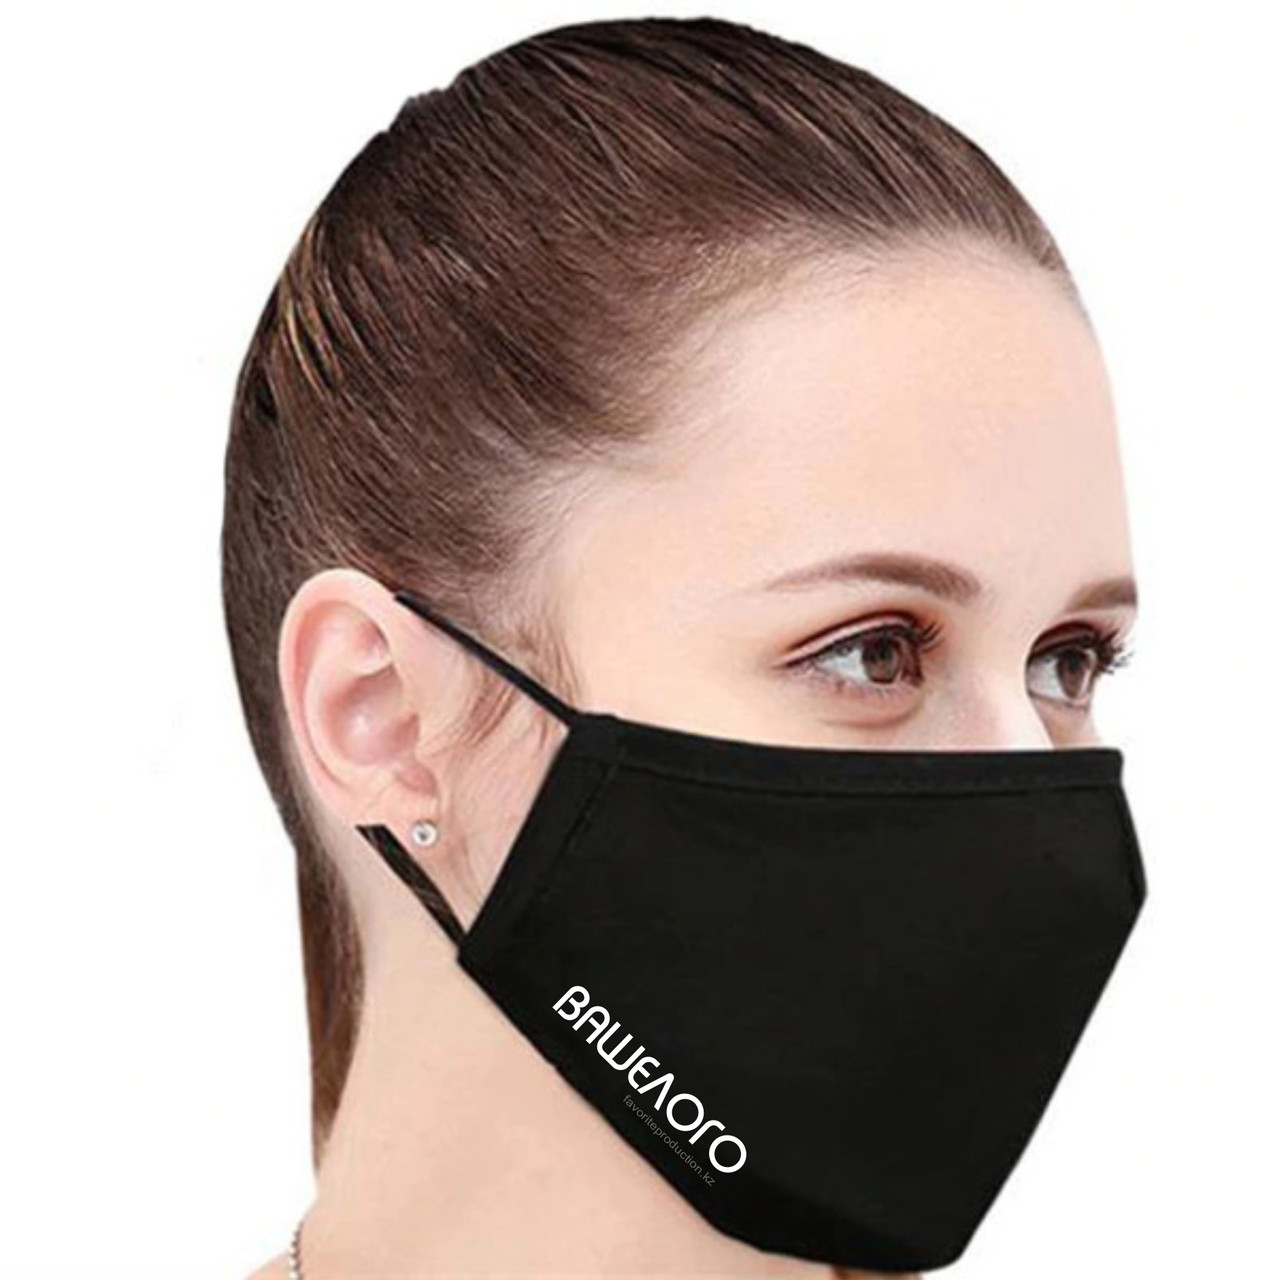 Маски оптом. Многоразовая маска, женская, с логотипом